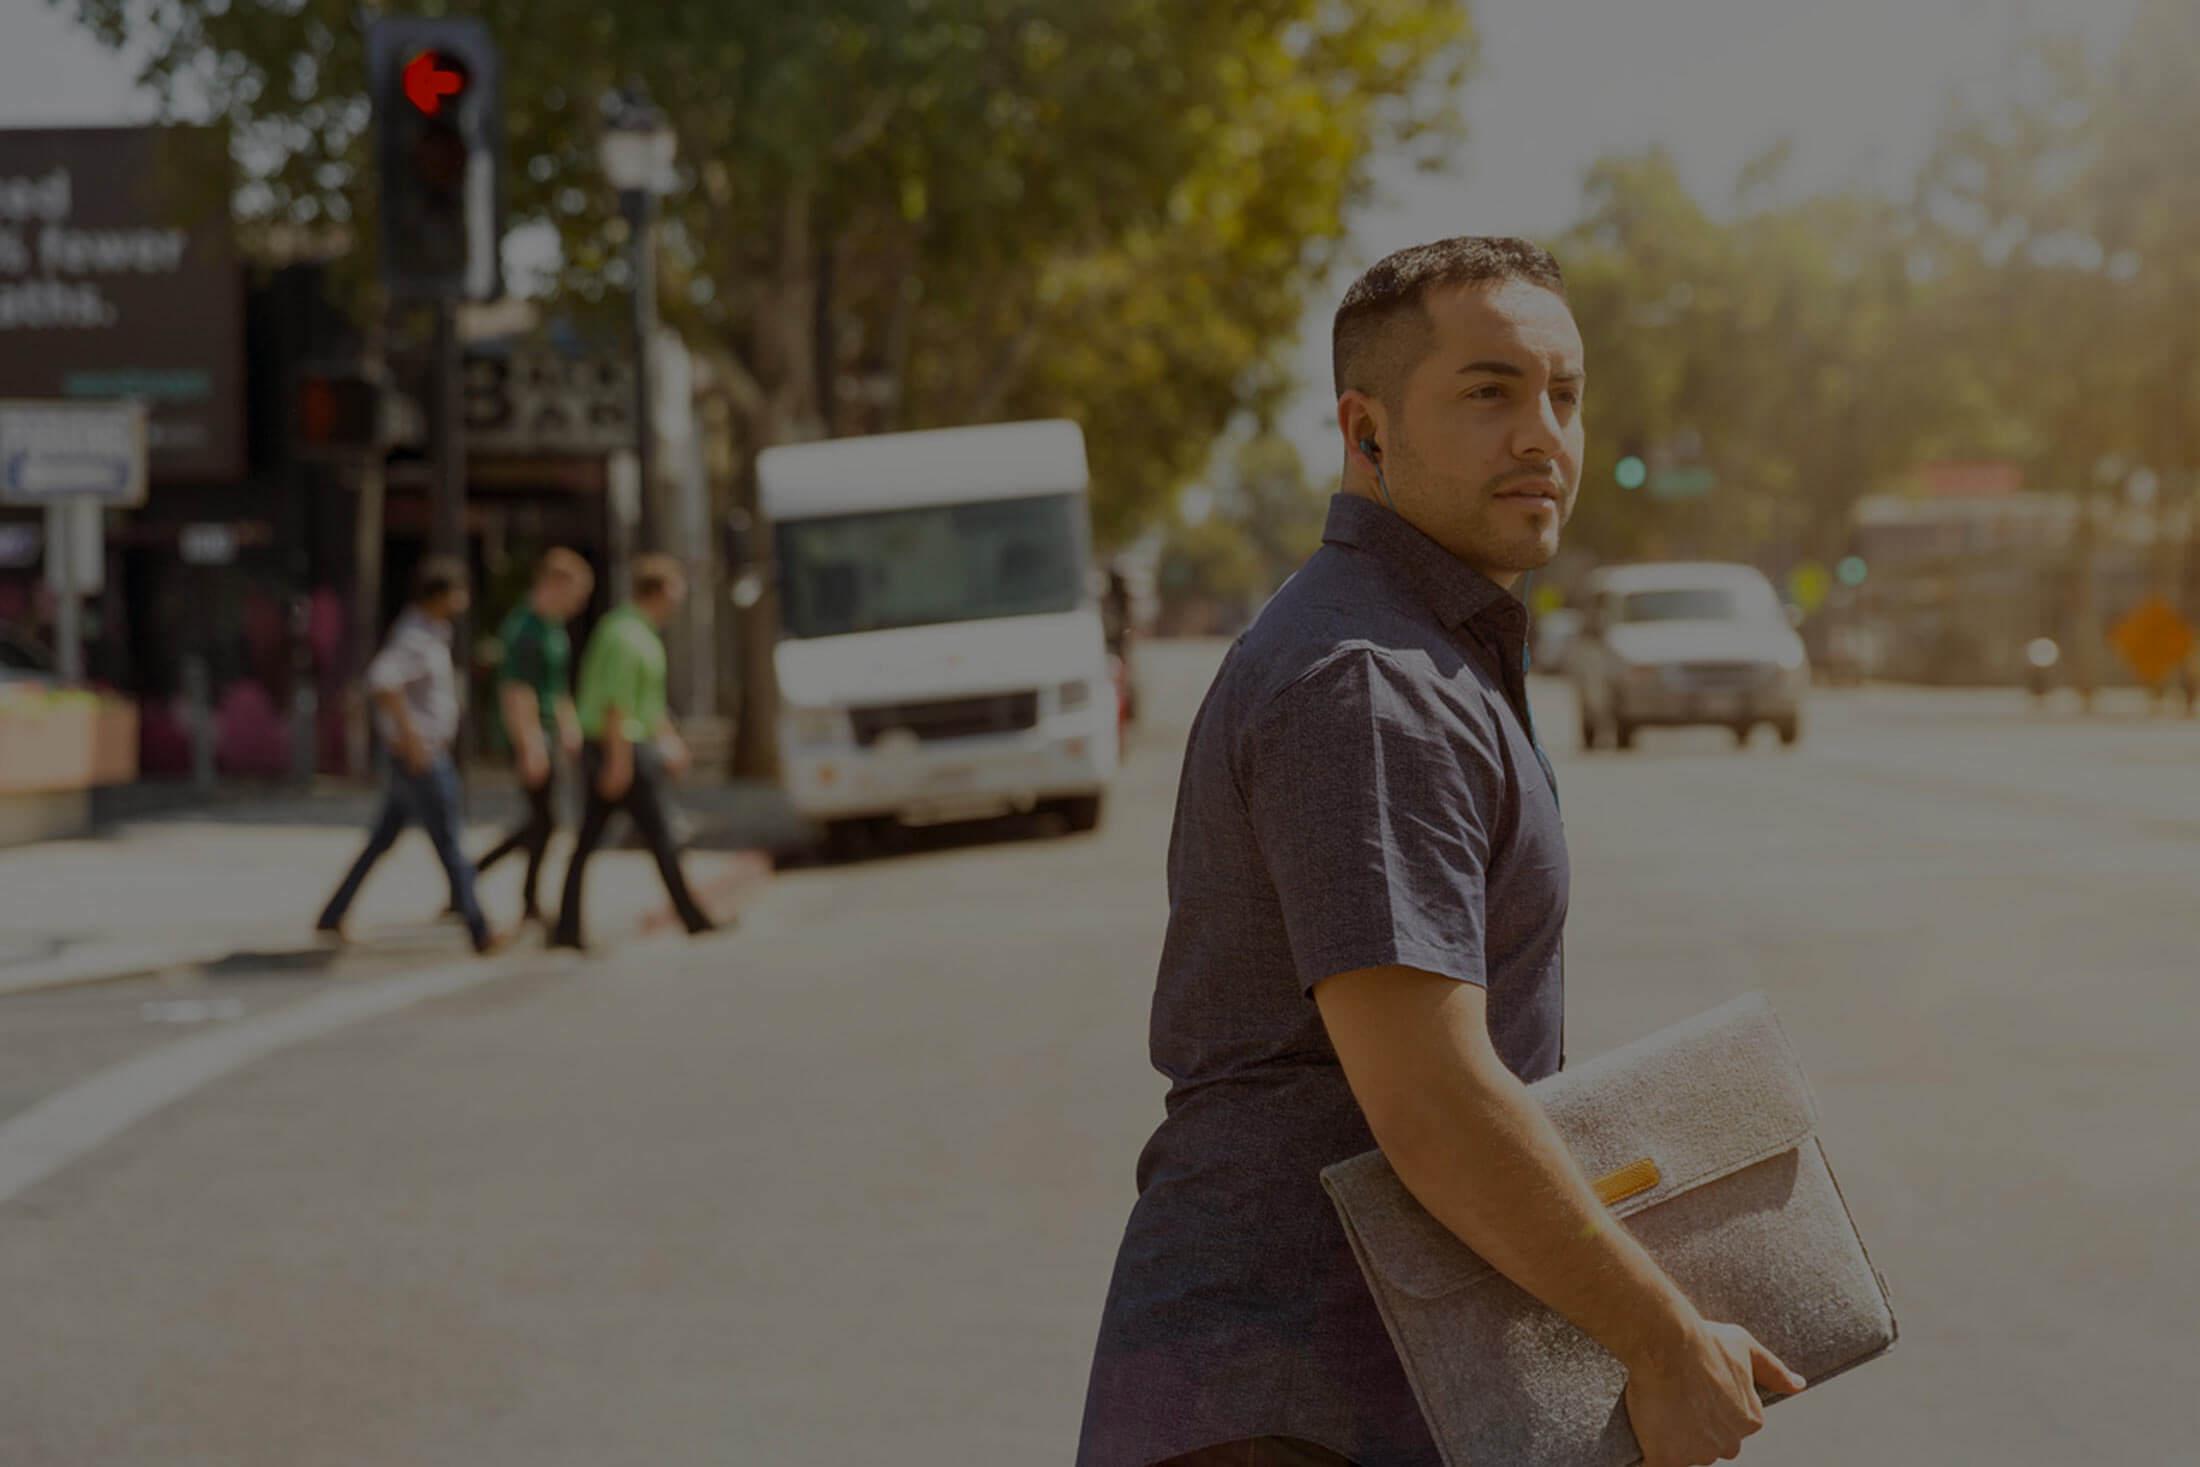 Pole emploi - offre emploi Assistant commercial anglais courant (H/F) - Aubagne